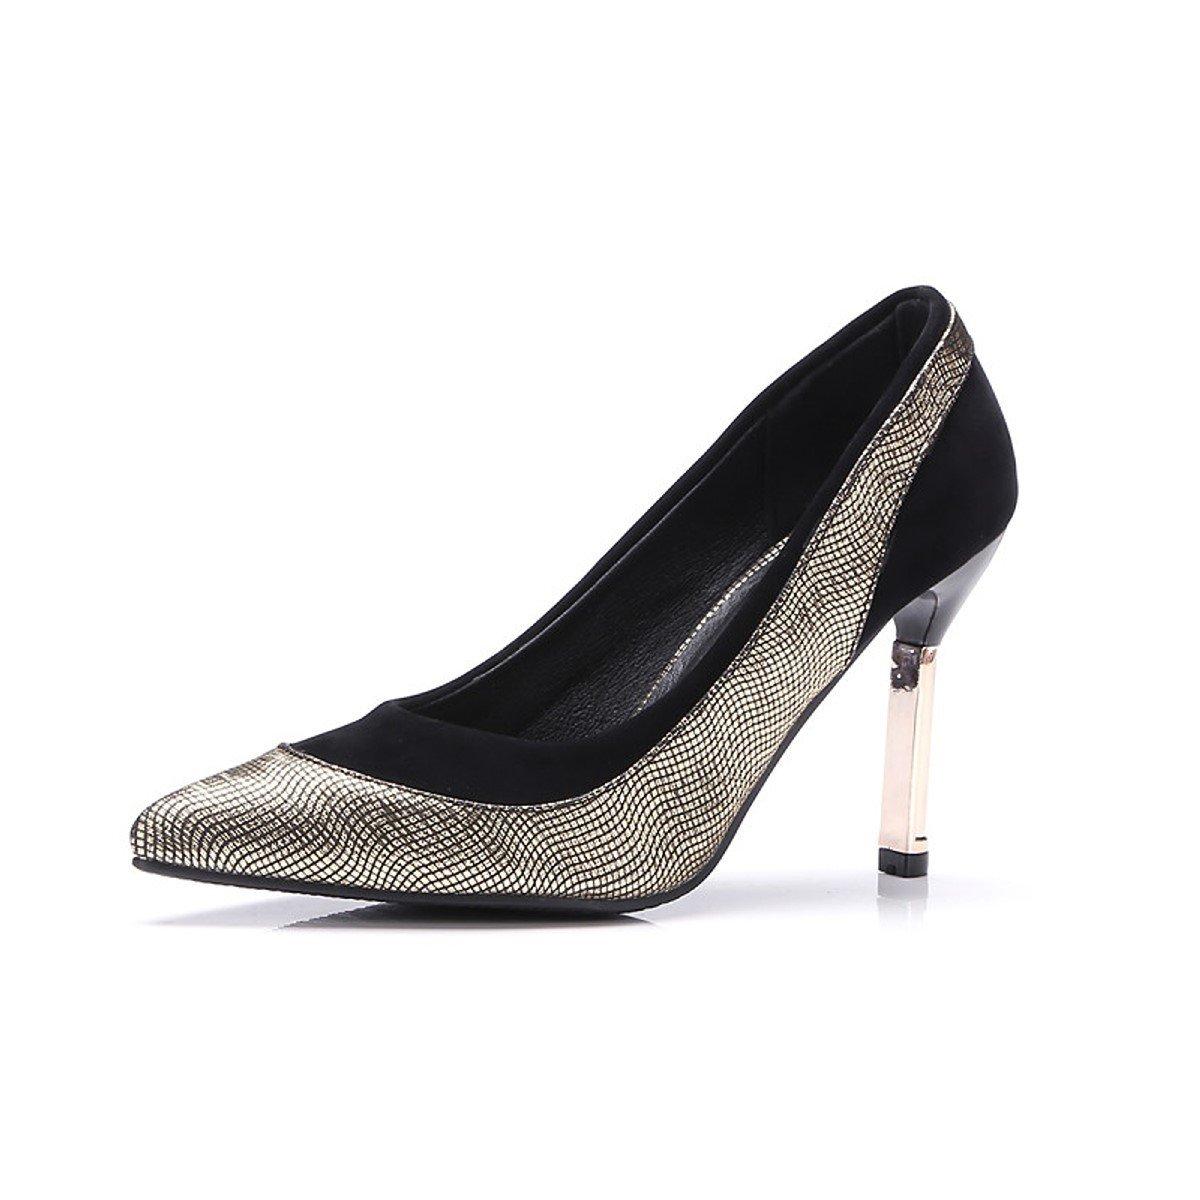 DIMAOL Damenschuhe Synthetische Komfort Frühling Herbst Komfort Synthetische Heels Stiletto Heel Schuhe geteilten Gemeinsamen für Outdoor Büro & Karriere Silber Gold 3bb0c7